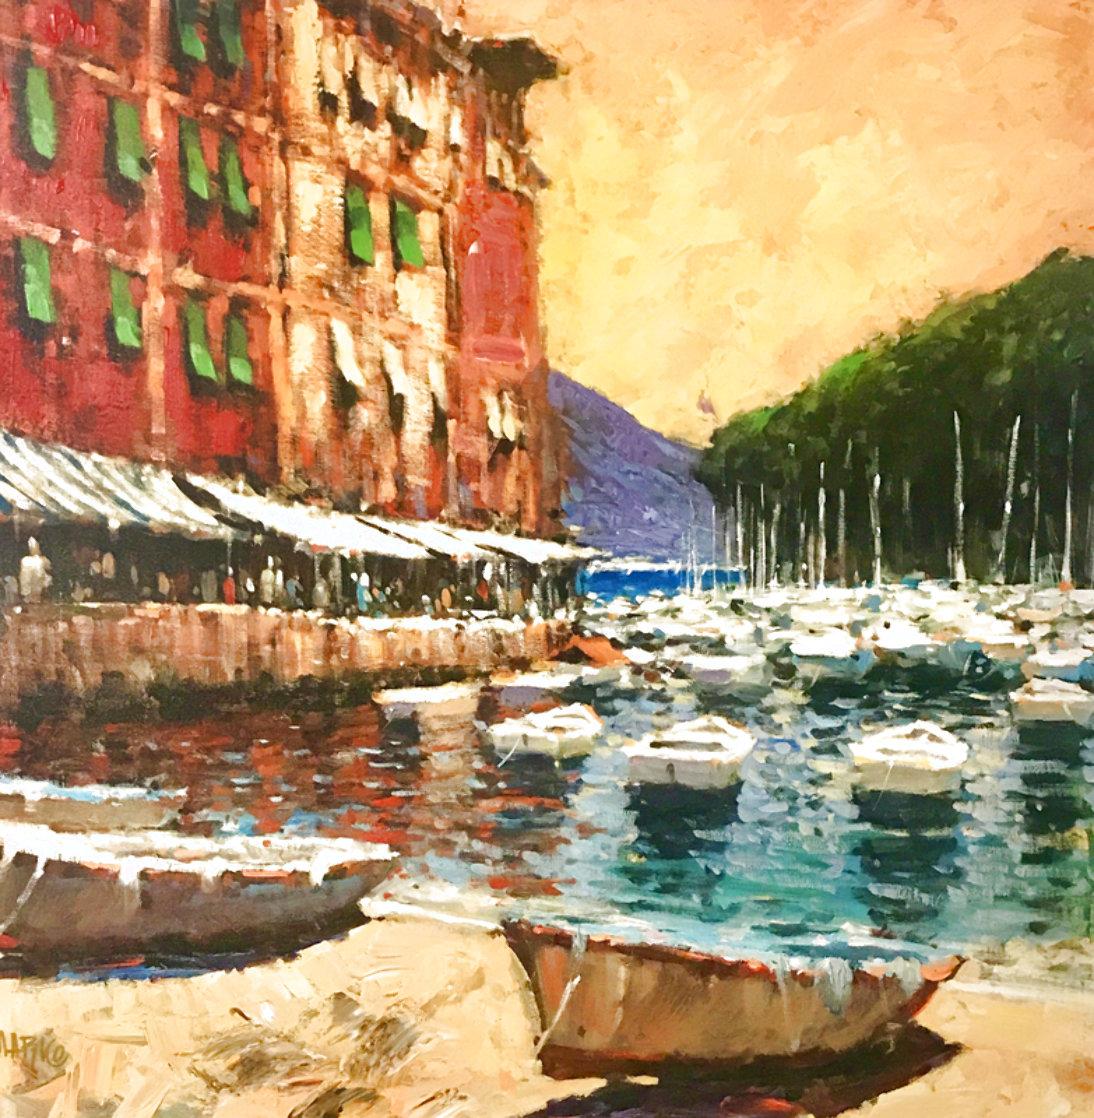 A Day in Portofino 2006 Limited Edition Print by Marko Mavrovich